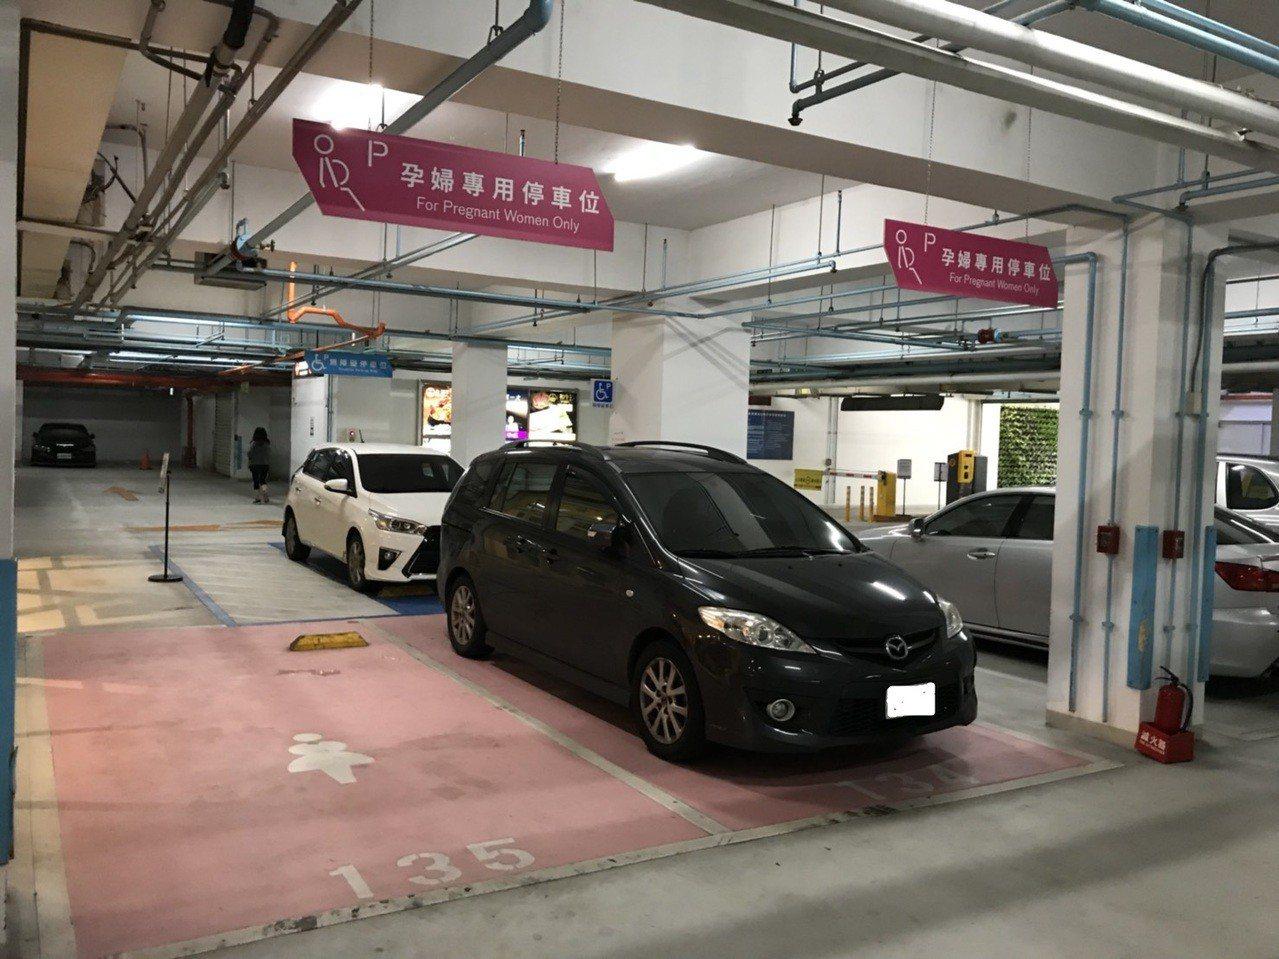 嘉義市秀泰廣場原先即設有孕婦專用停車格。記者姜宜菁/攝影